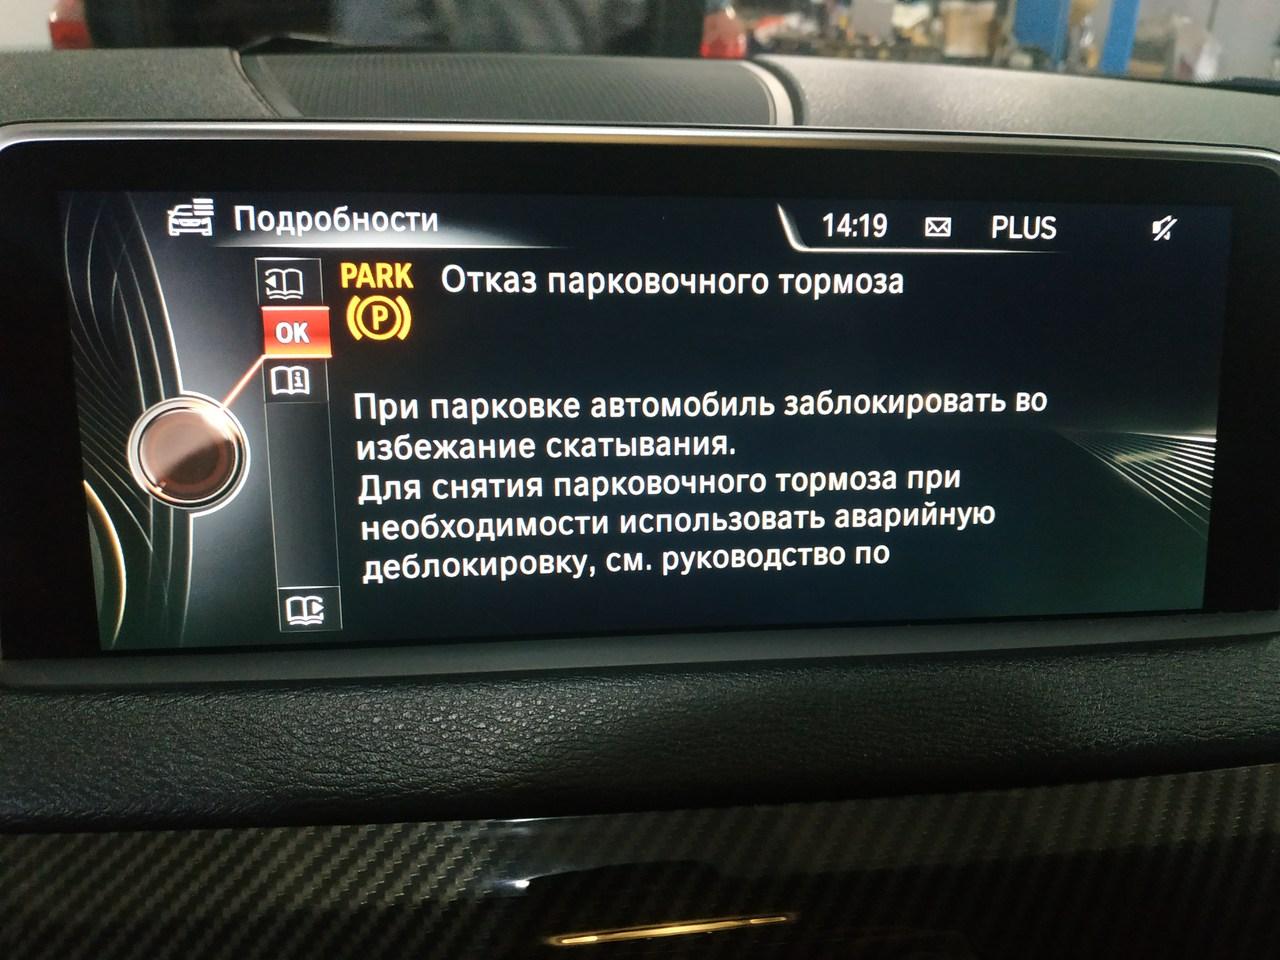 Отказ парковочного тормоза, ошибка X5 F15